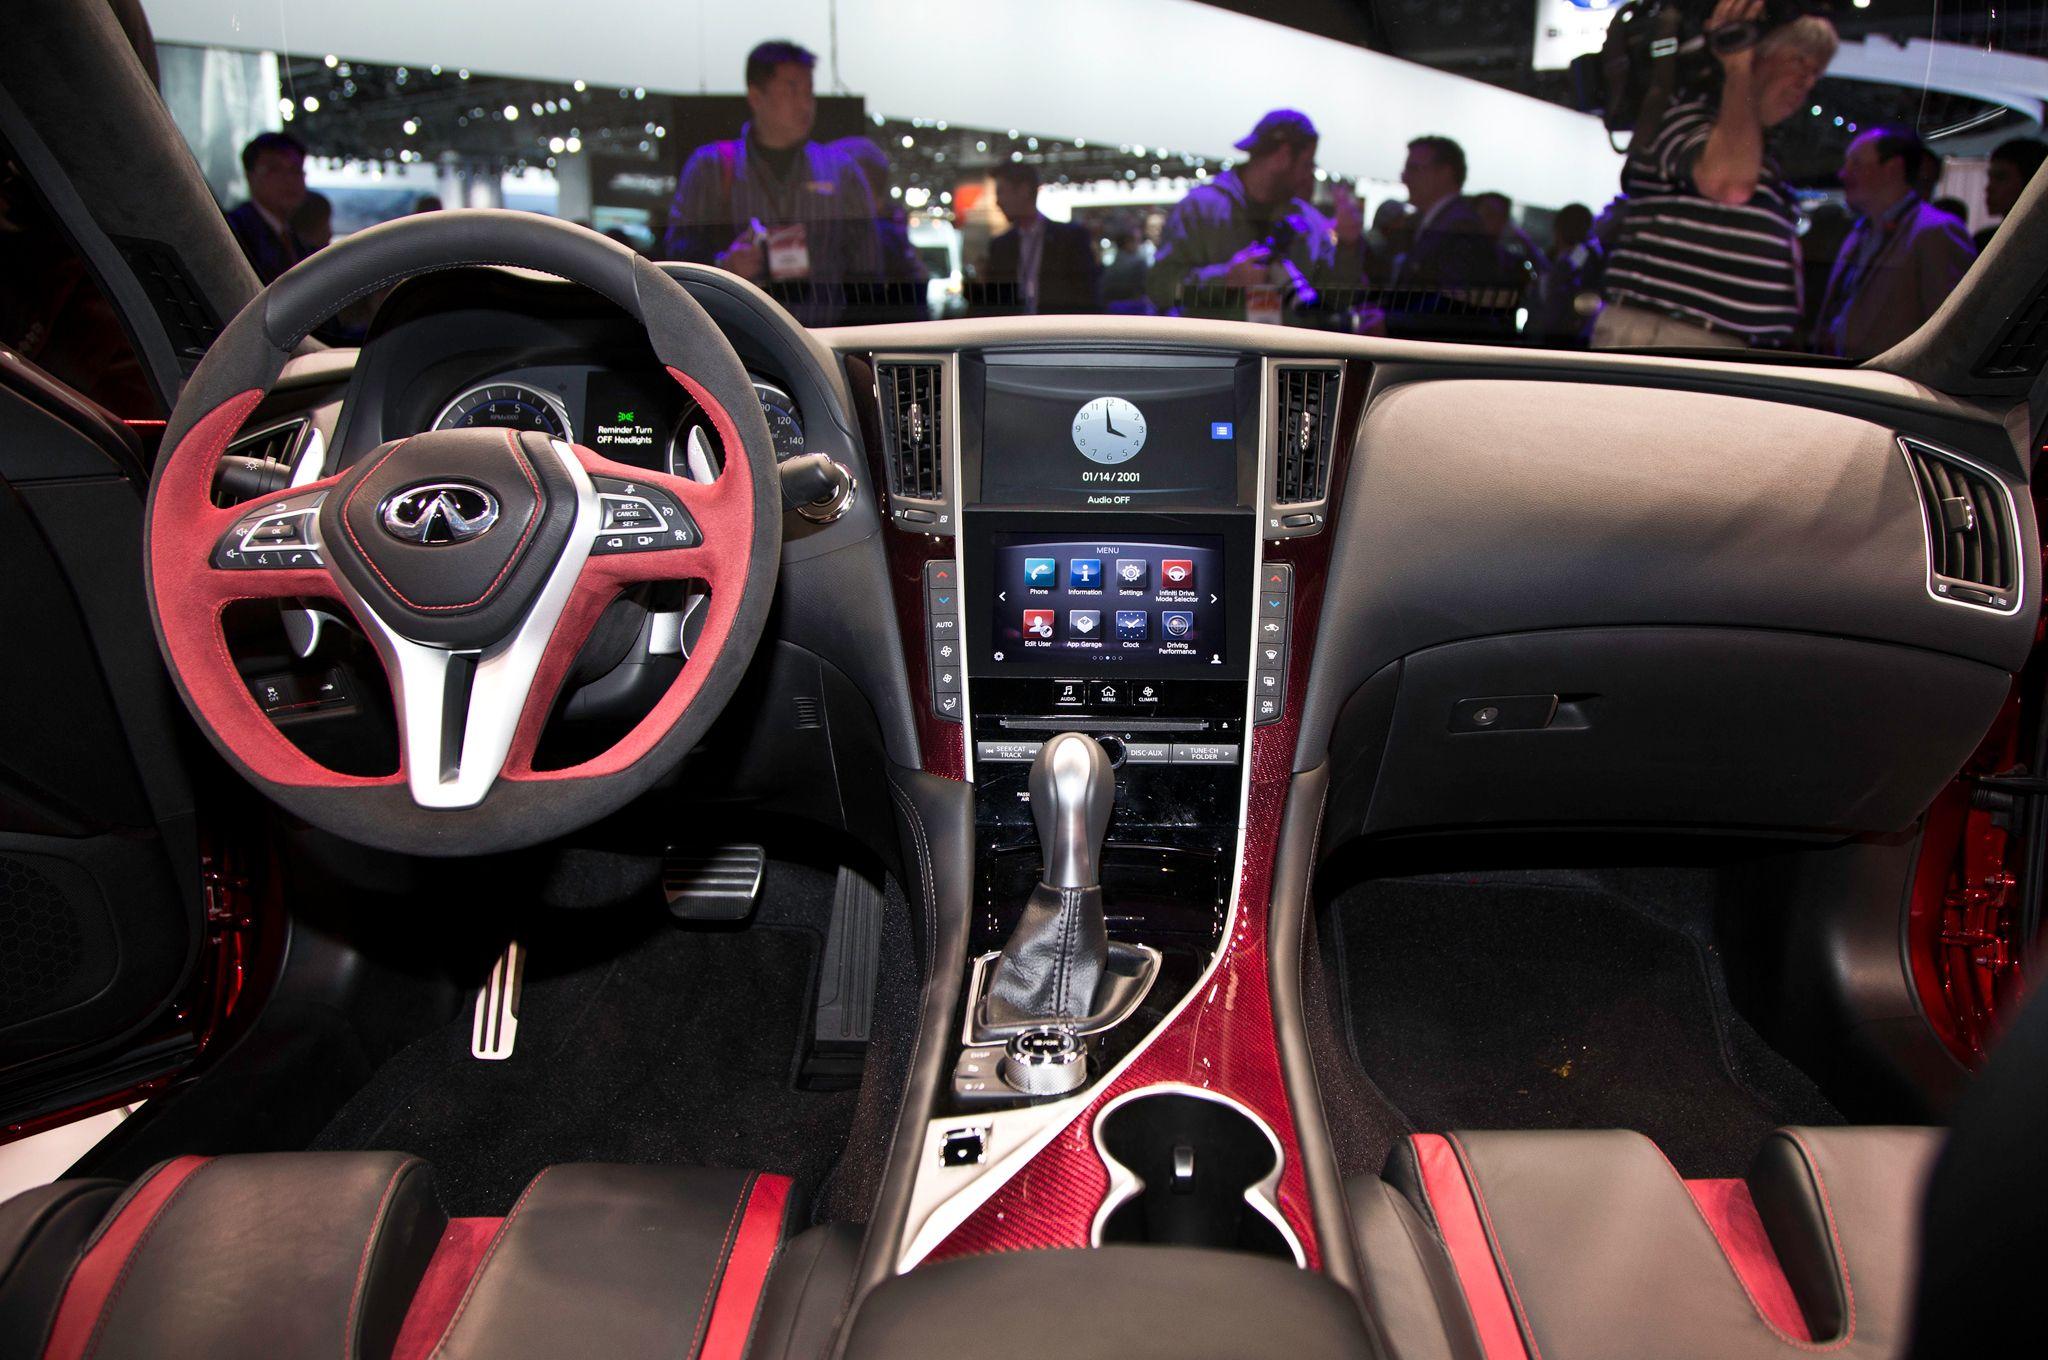 Infiniti Q50 Eau Rouge Concept Interior - http://carwallpaper.org/infiniti-q50-eau-rouge-concept-interior/